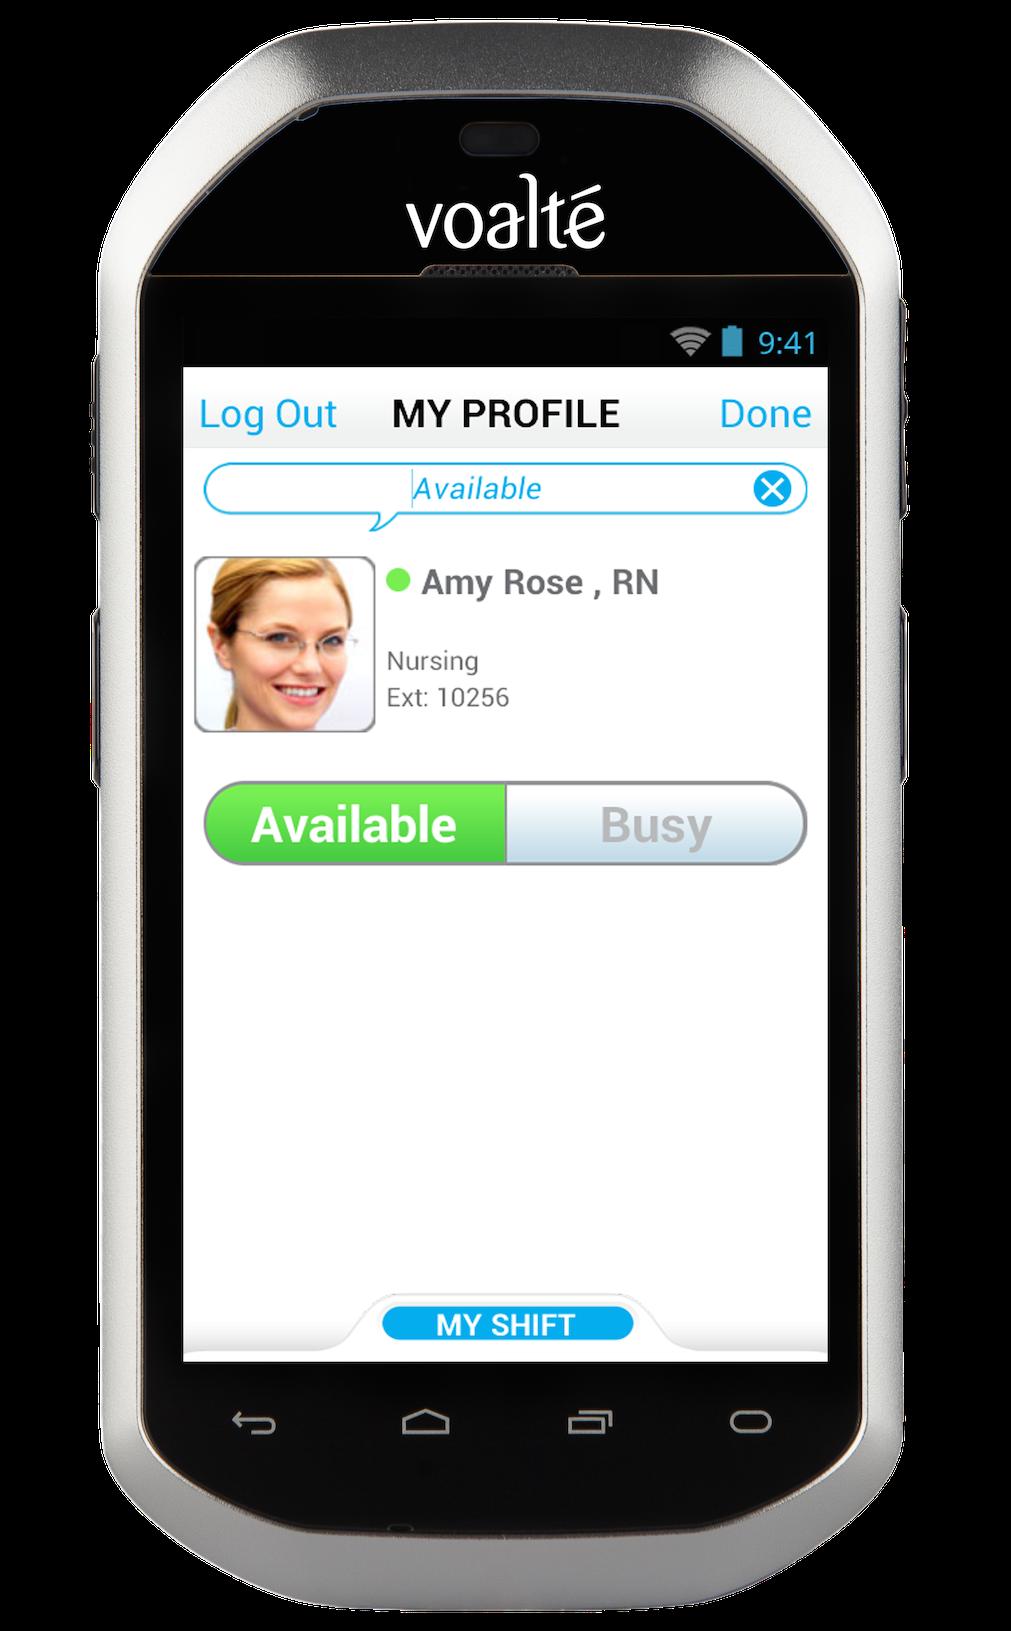 Voalte Deploys Over 11,000 Zebra Technologies' Mobile ...